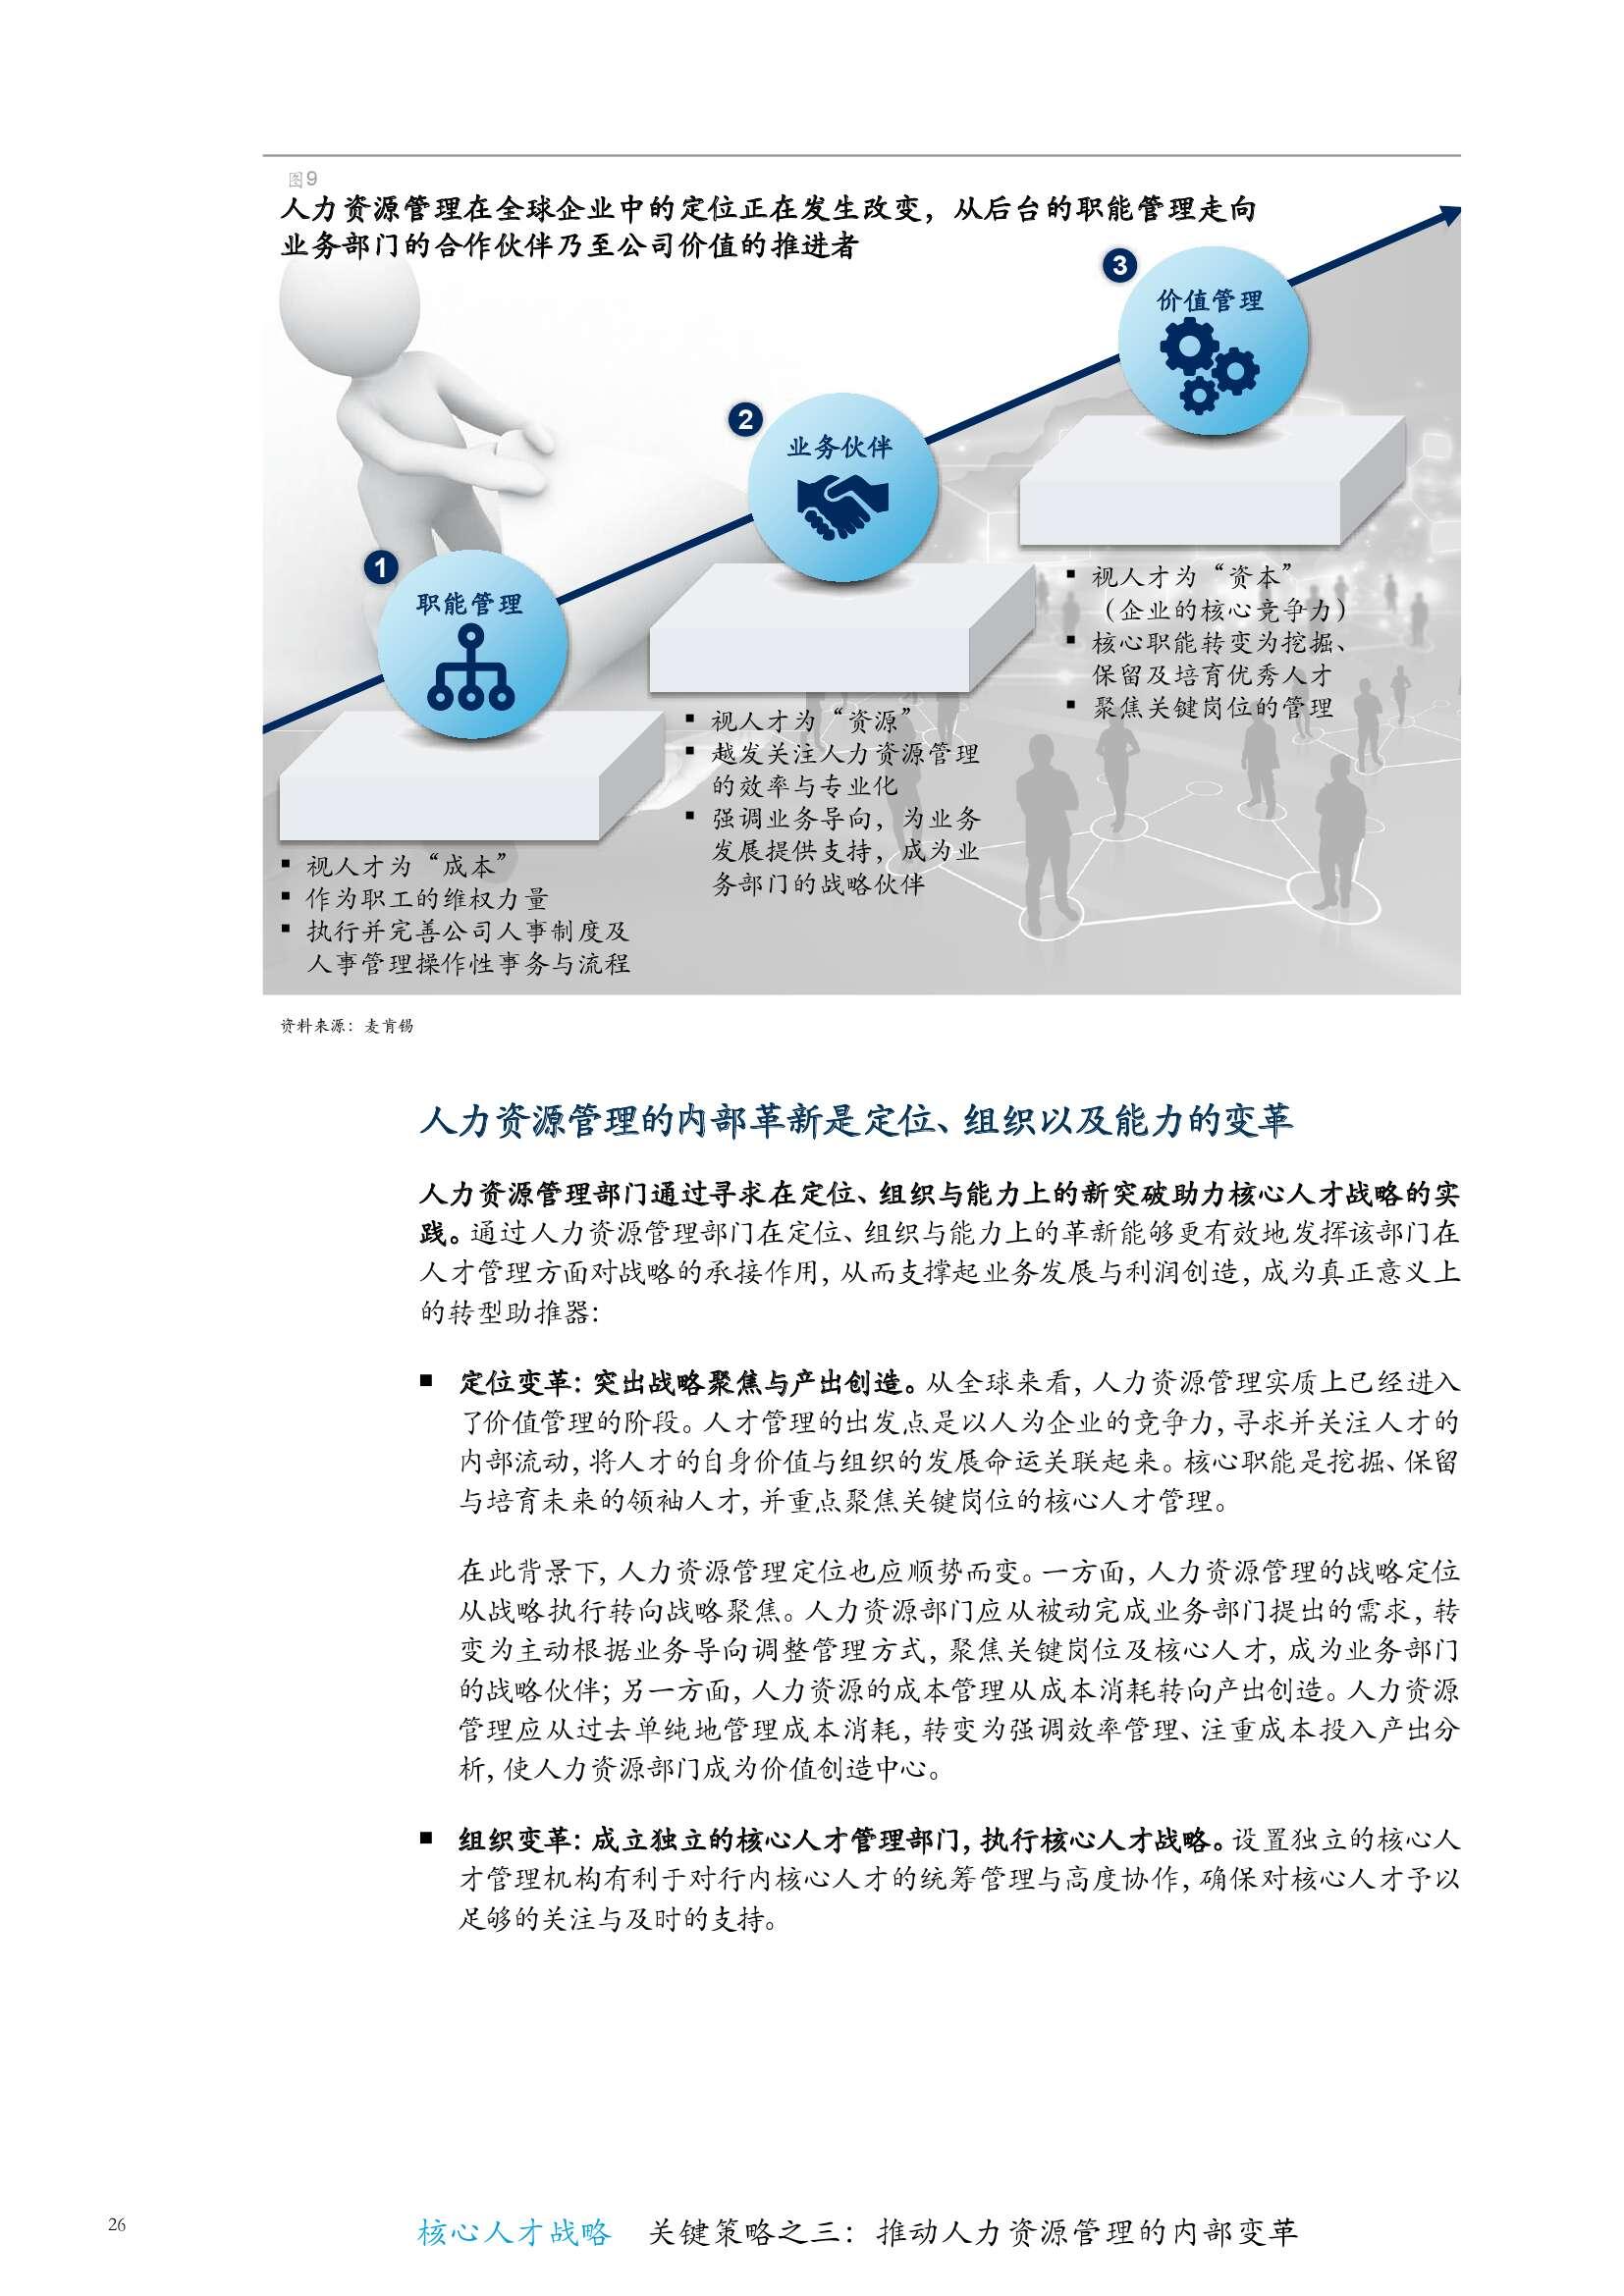 中国银行行业白皮书--核心人才战略4_000032